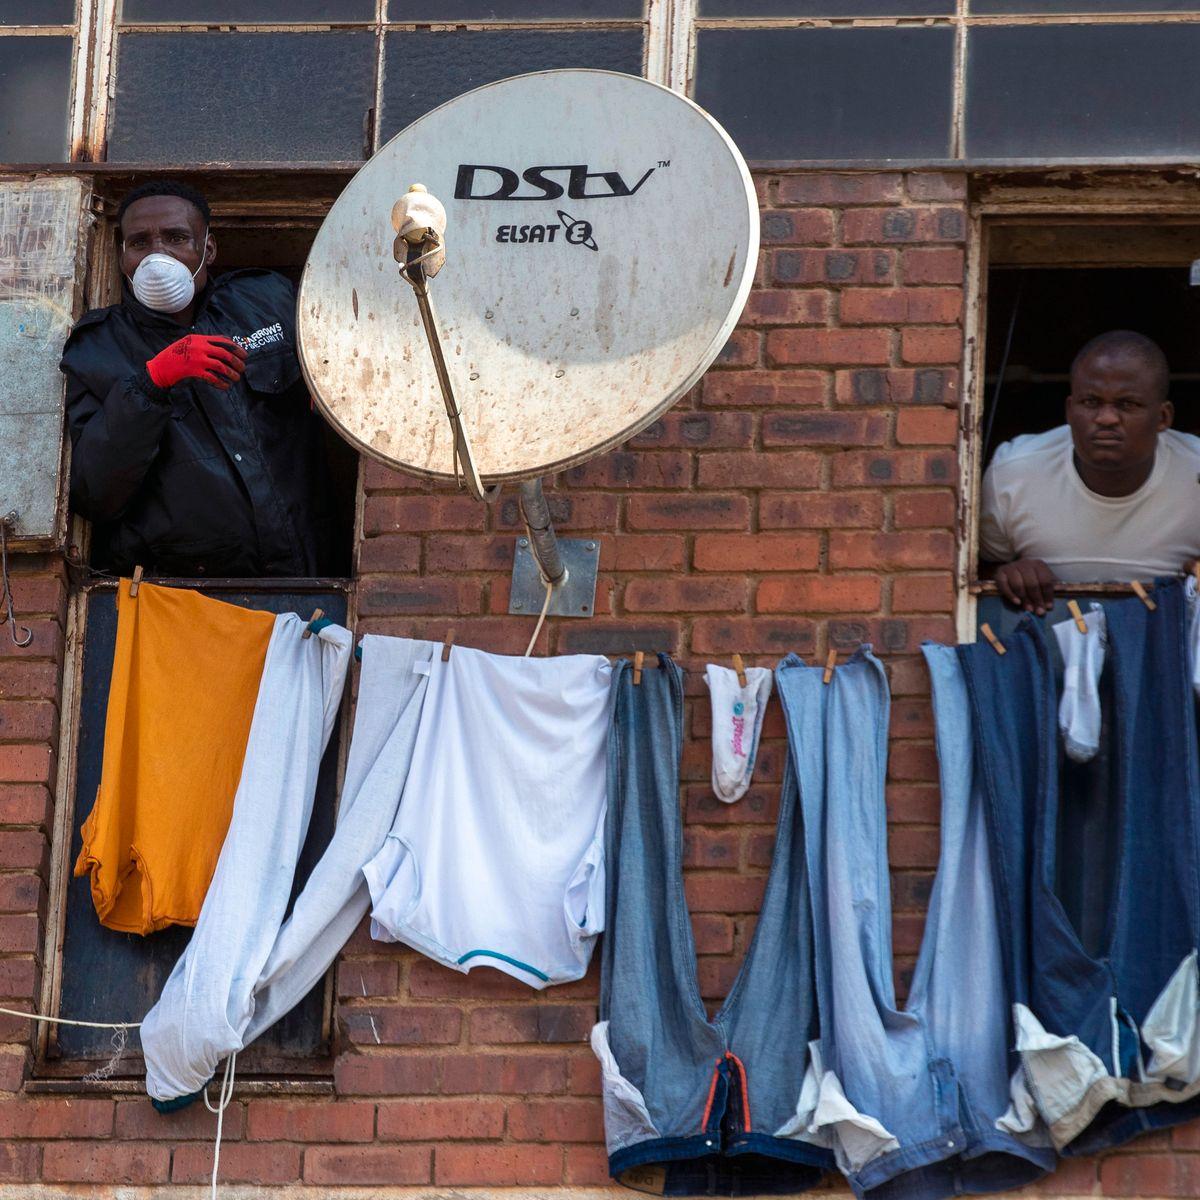 astrazeneca sudafrika stoppt impfstart wirksamkeit gegen sudafrikanische virusvariante steht in zweifeli manager magazin